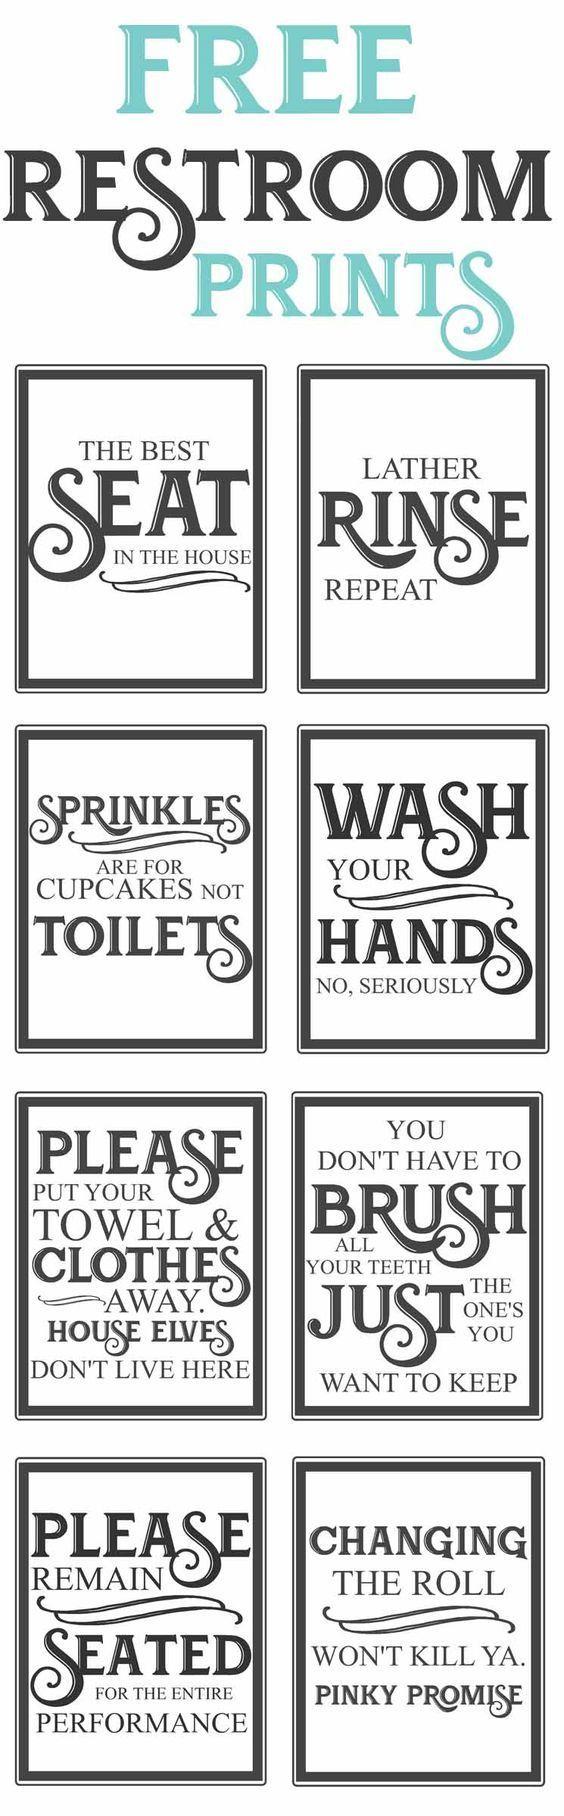 Free Vintage Bathroom Printables | Favorite Diy And Best Crafts - Free Printable Bathroom Quotes